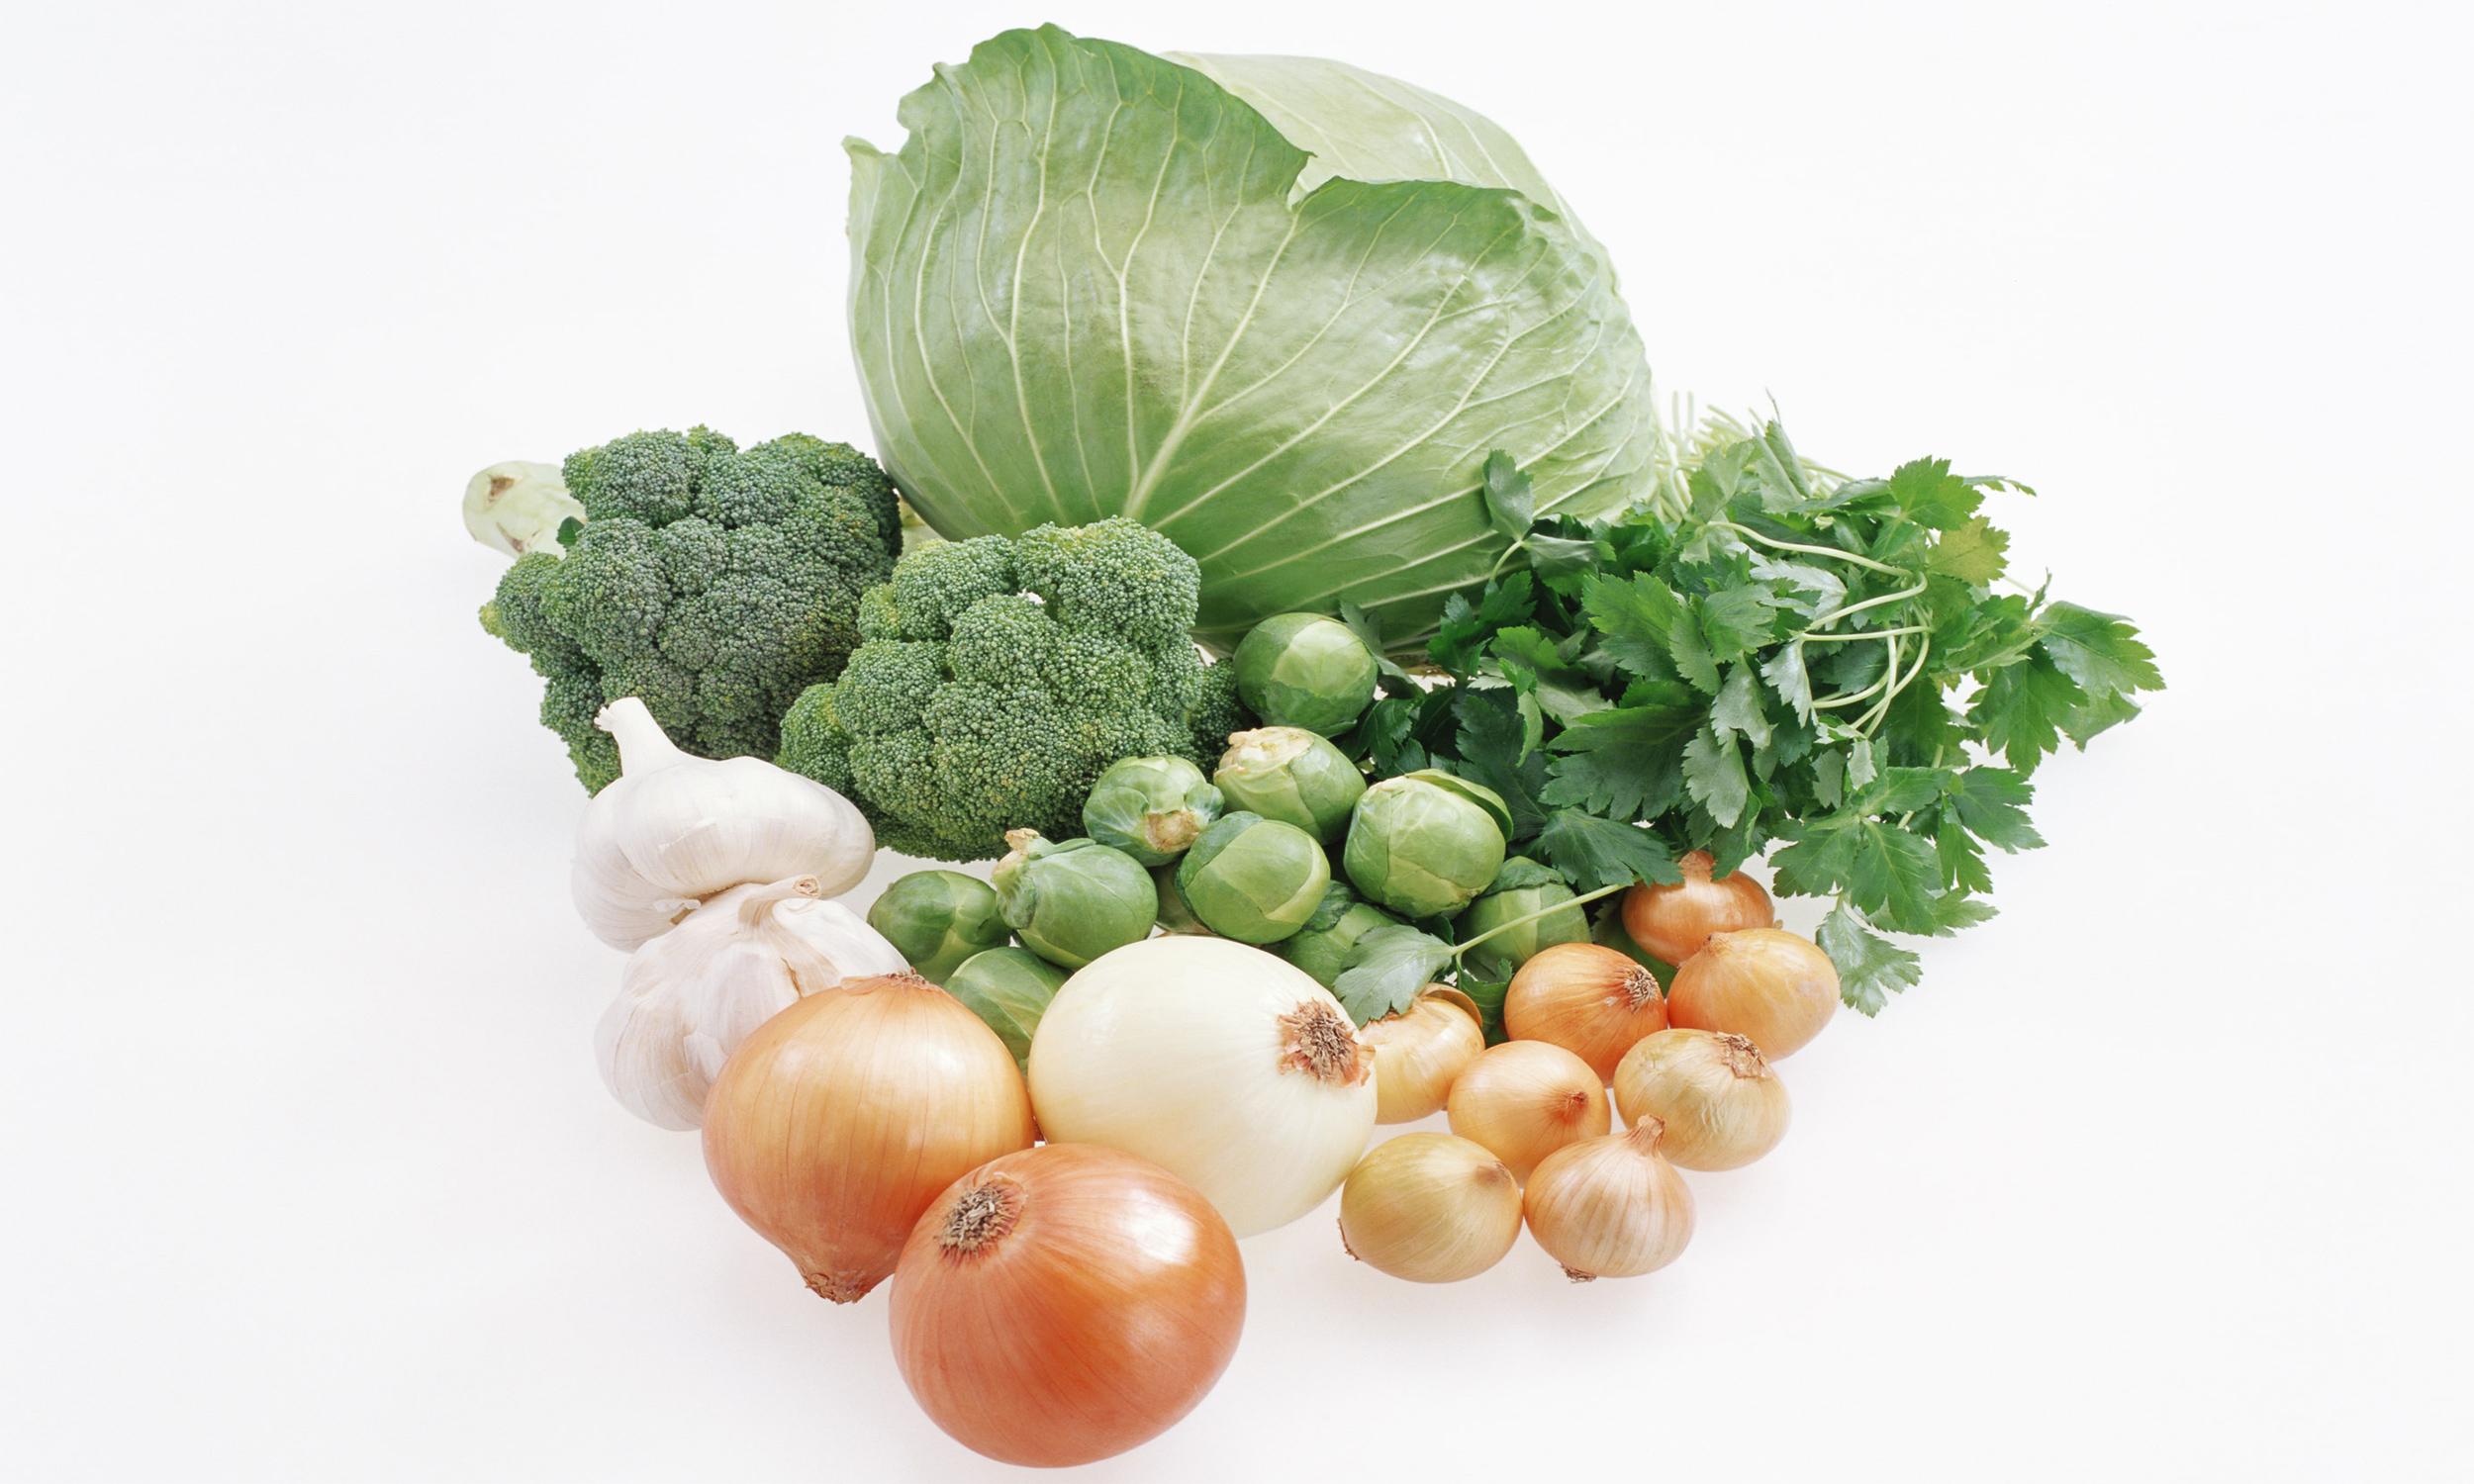 источники белков, жиров и углеводов фото